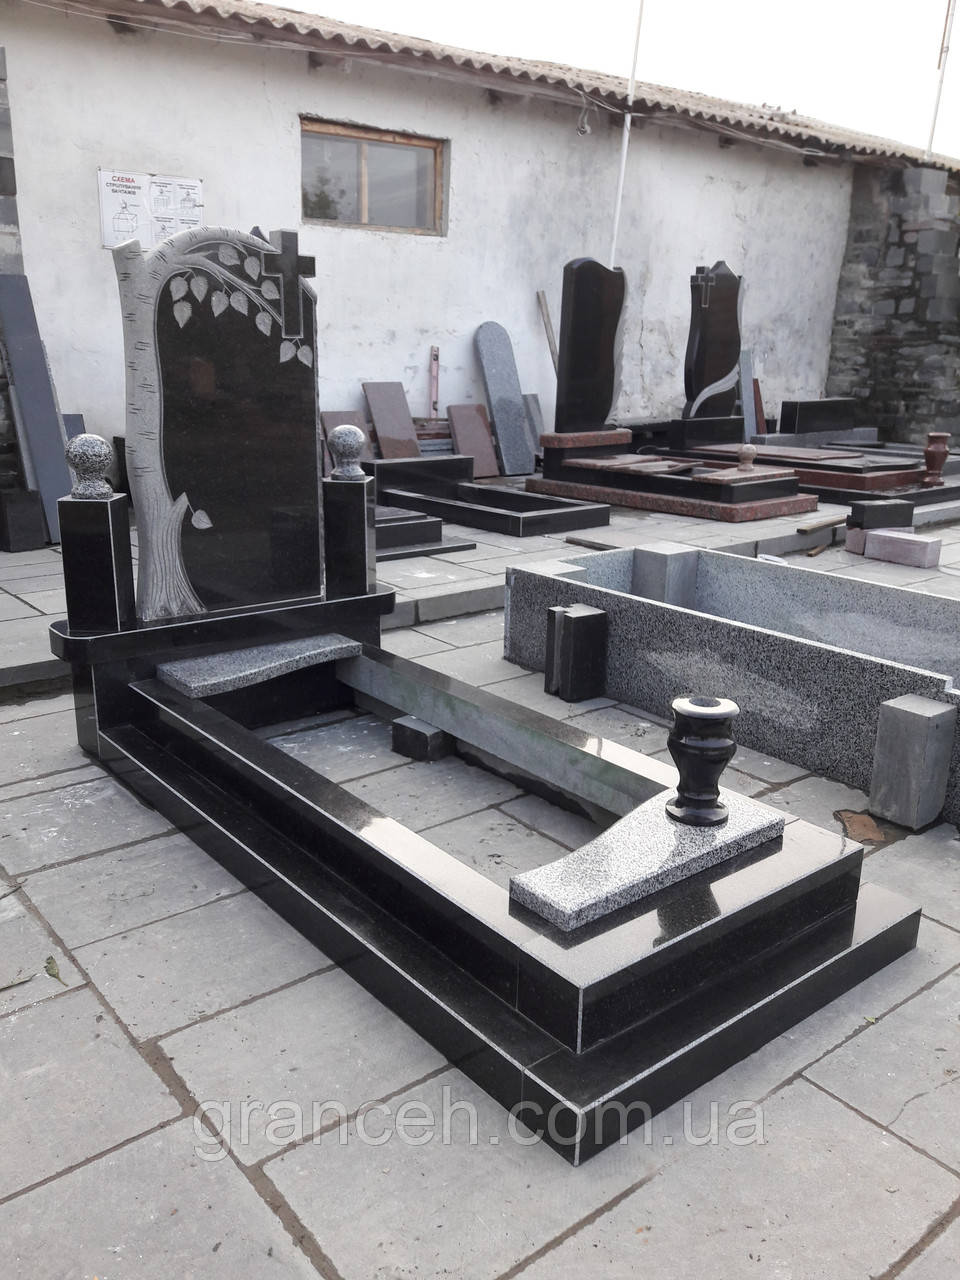 Памятник из гранита №140 - GRANCEH в Житомирской области